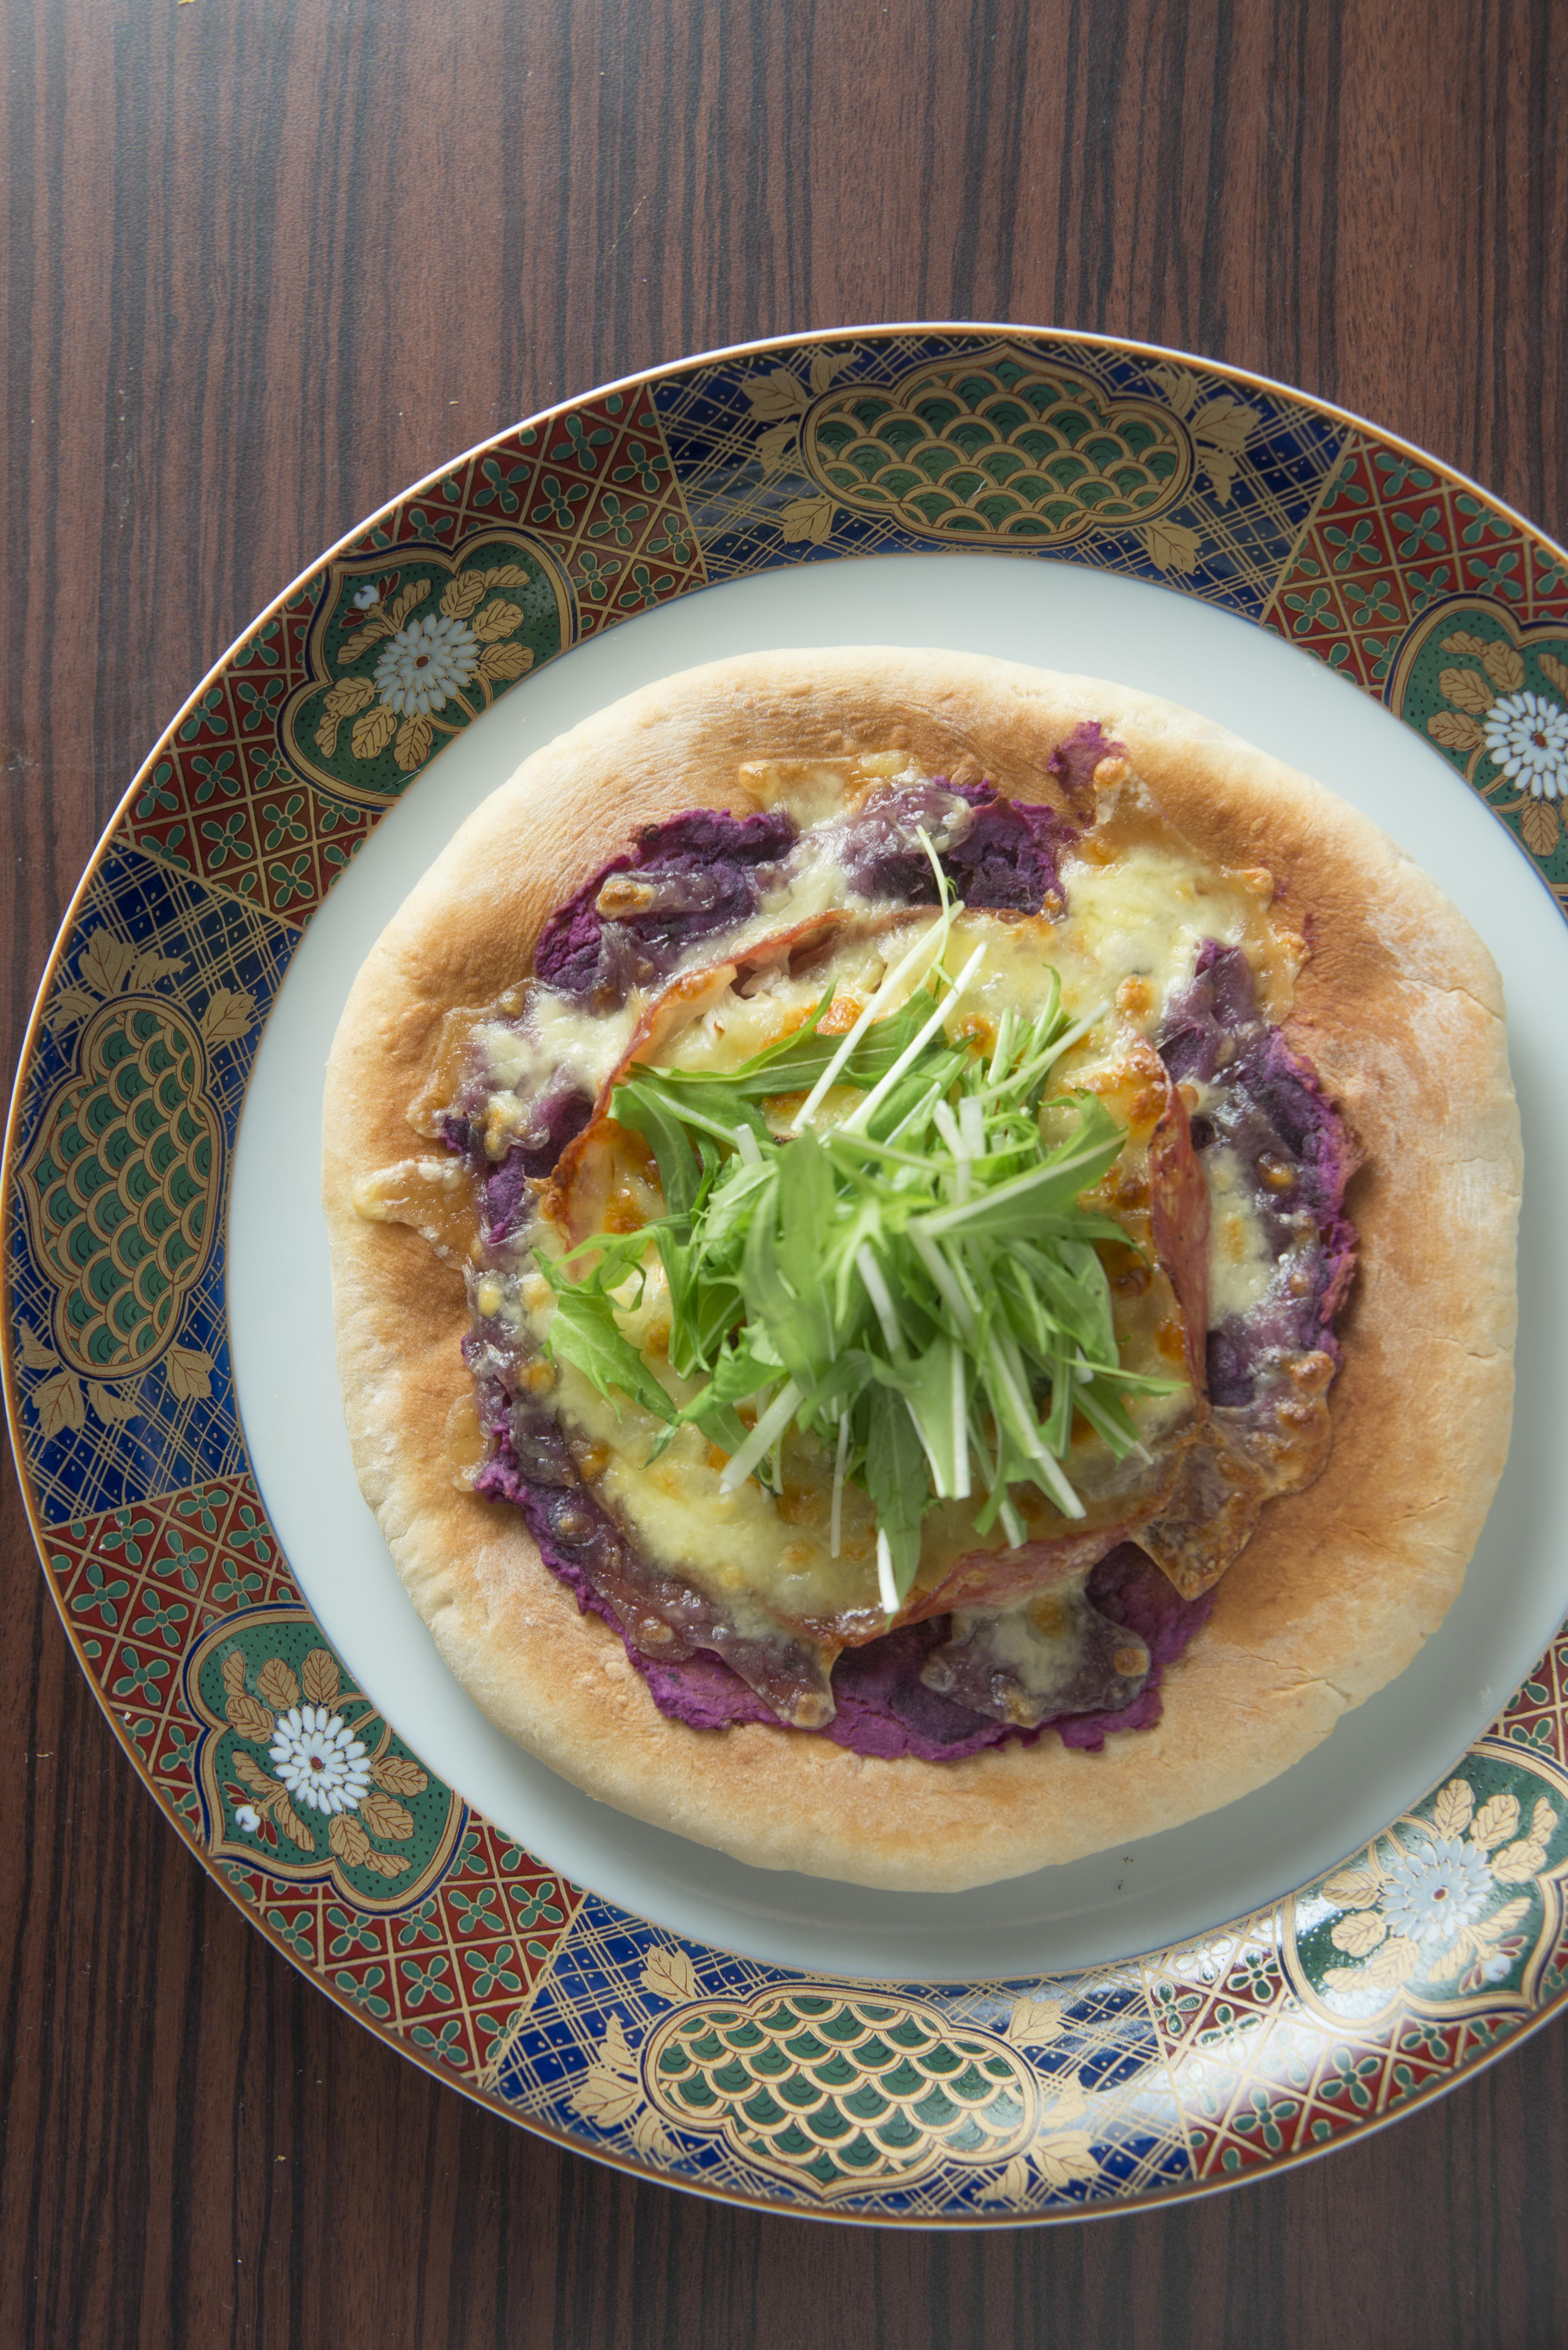 文首的紫薯為何會出現﹖原本廚師不喜歡一般薄餅上的番茄醬,便以紫薯代替,配上辣肉腸和日本水菜等材料。